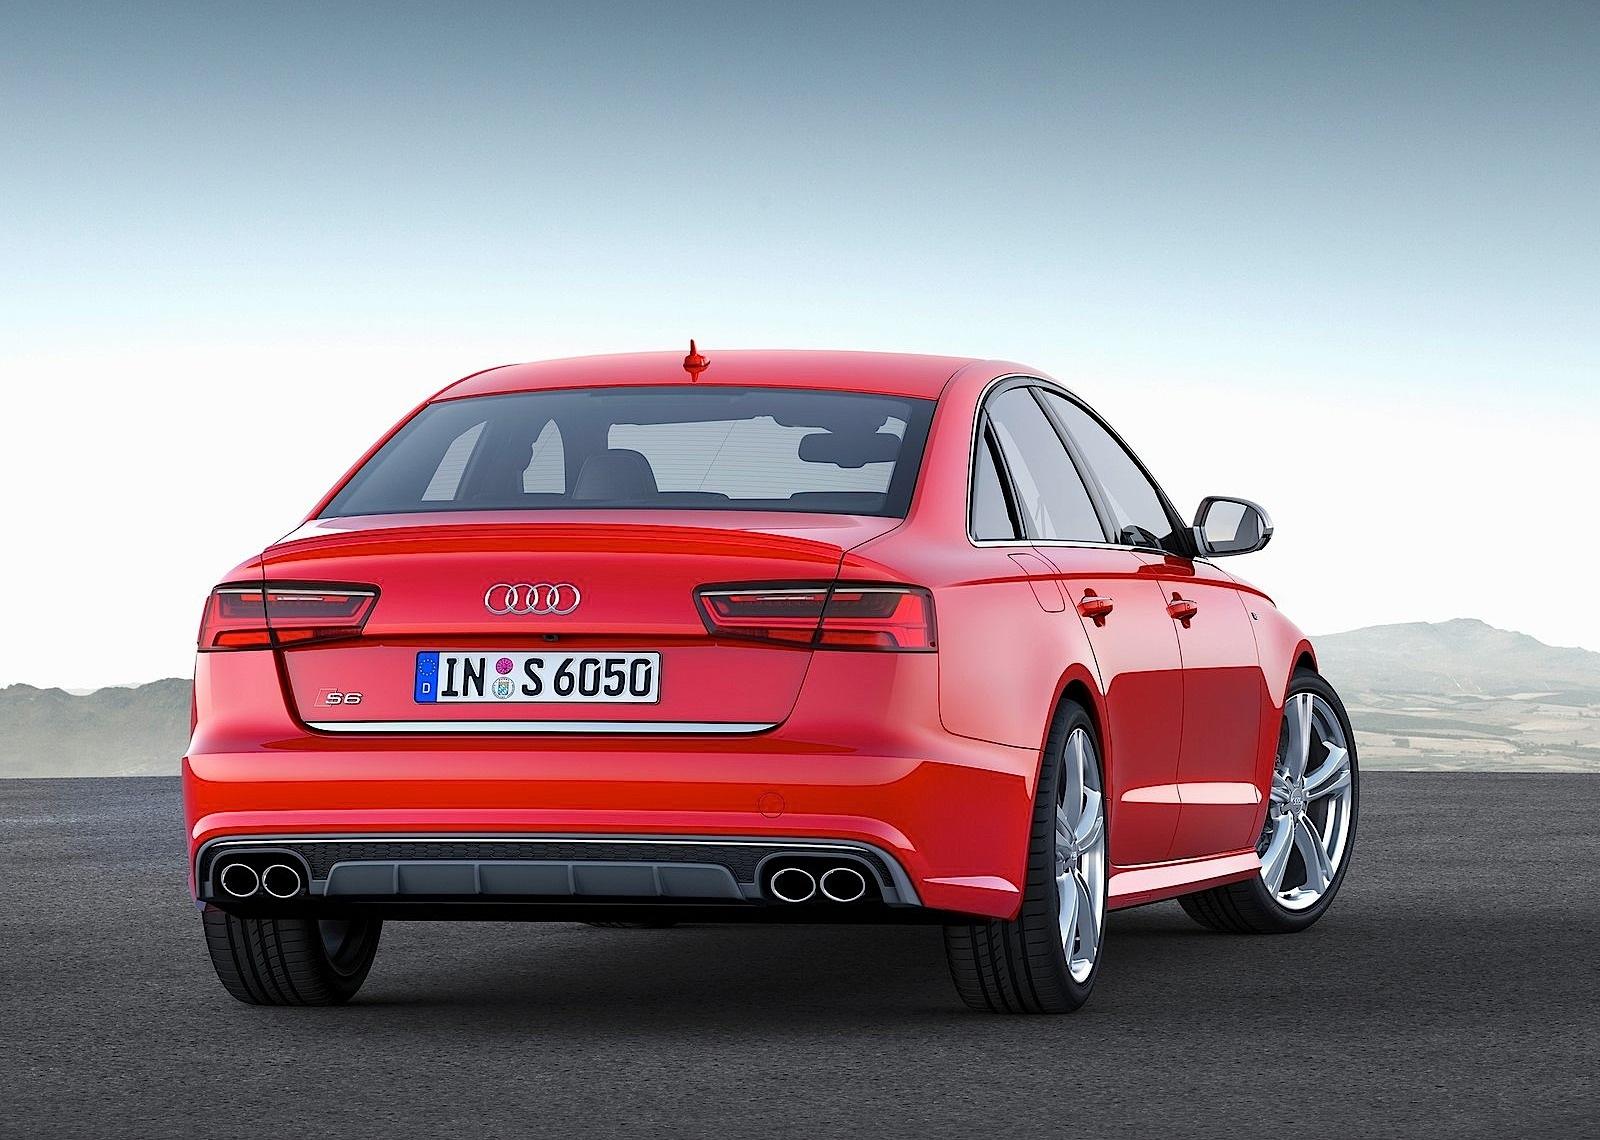 Audi A6 Wallpaper Hd Audi S6 Specs 2014 2015 2016 2017 2018 Autoevolution